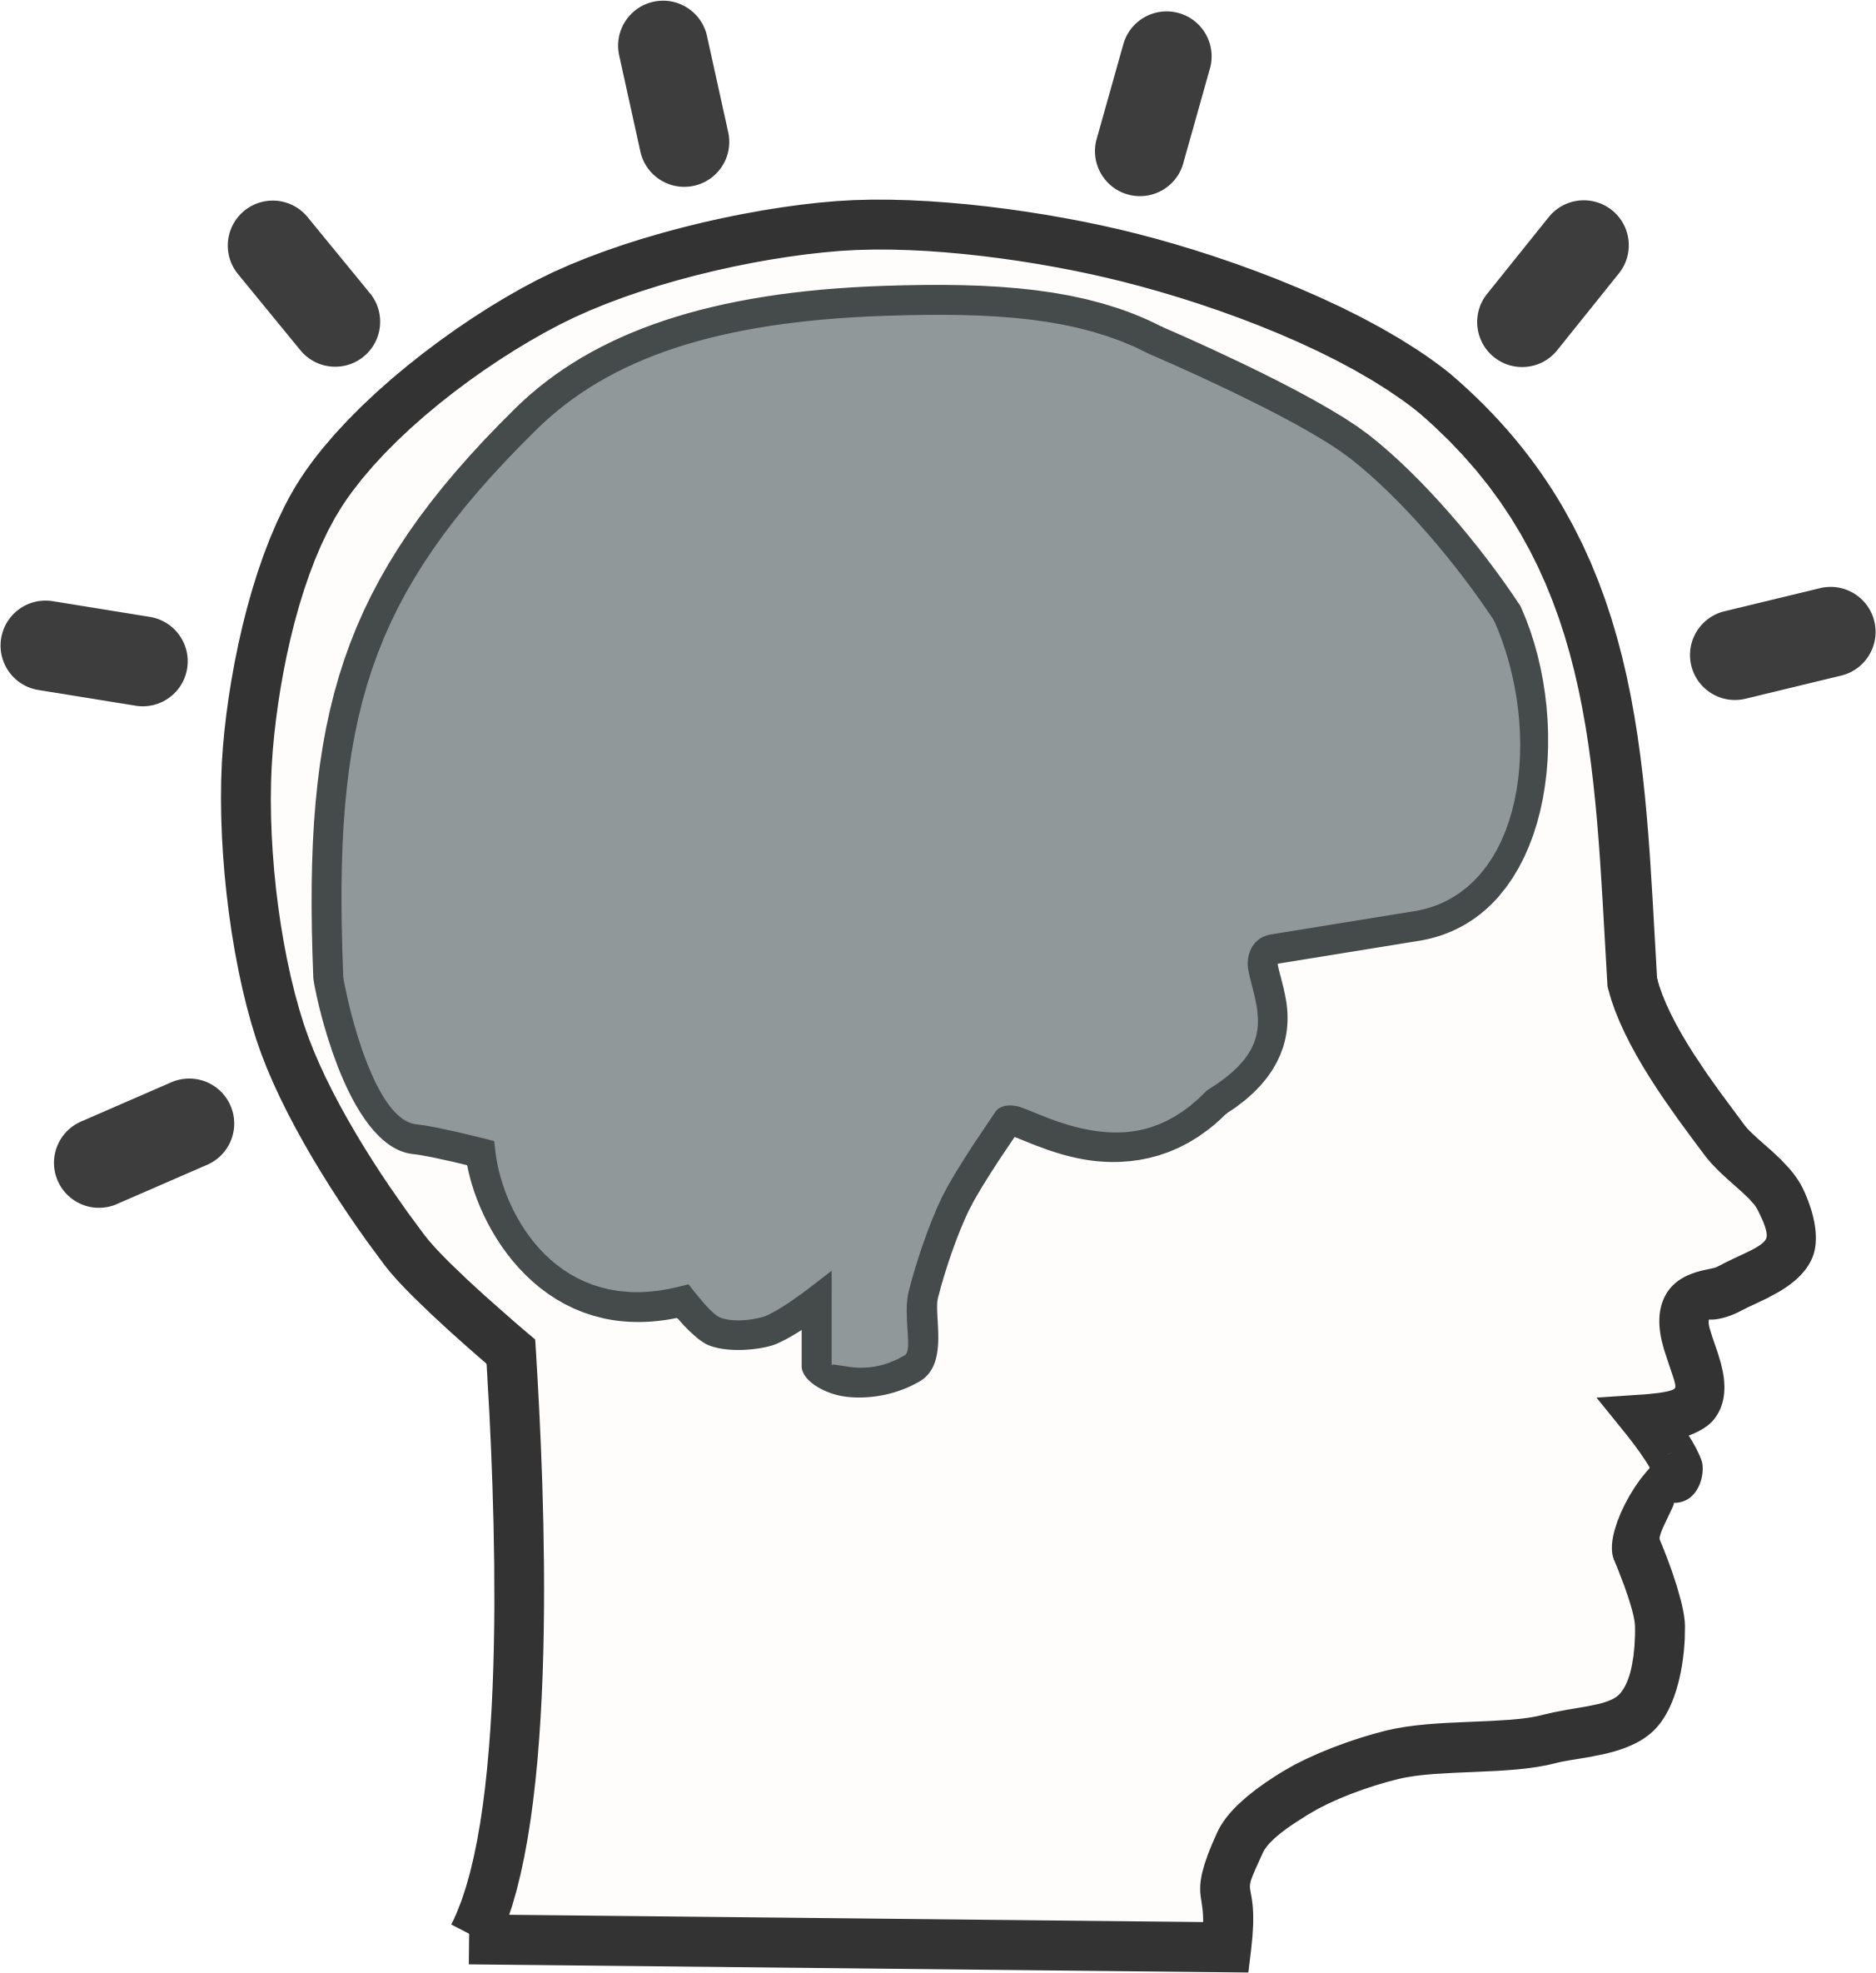 Brain clipart 4 2-Brain clipart 4 2-5